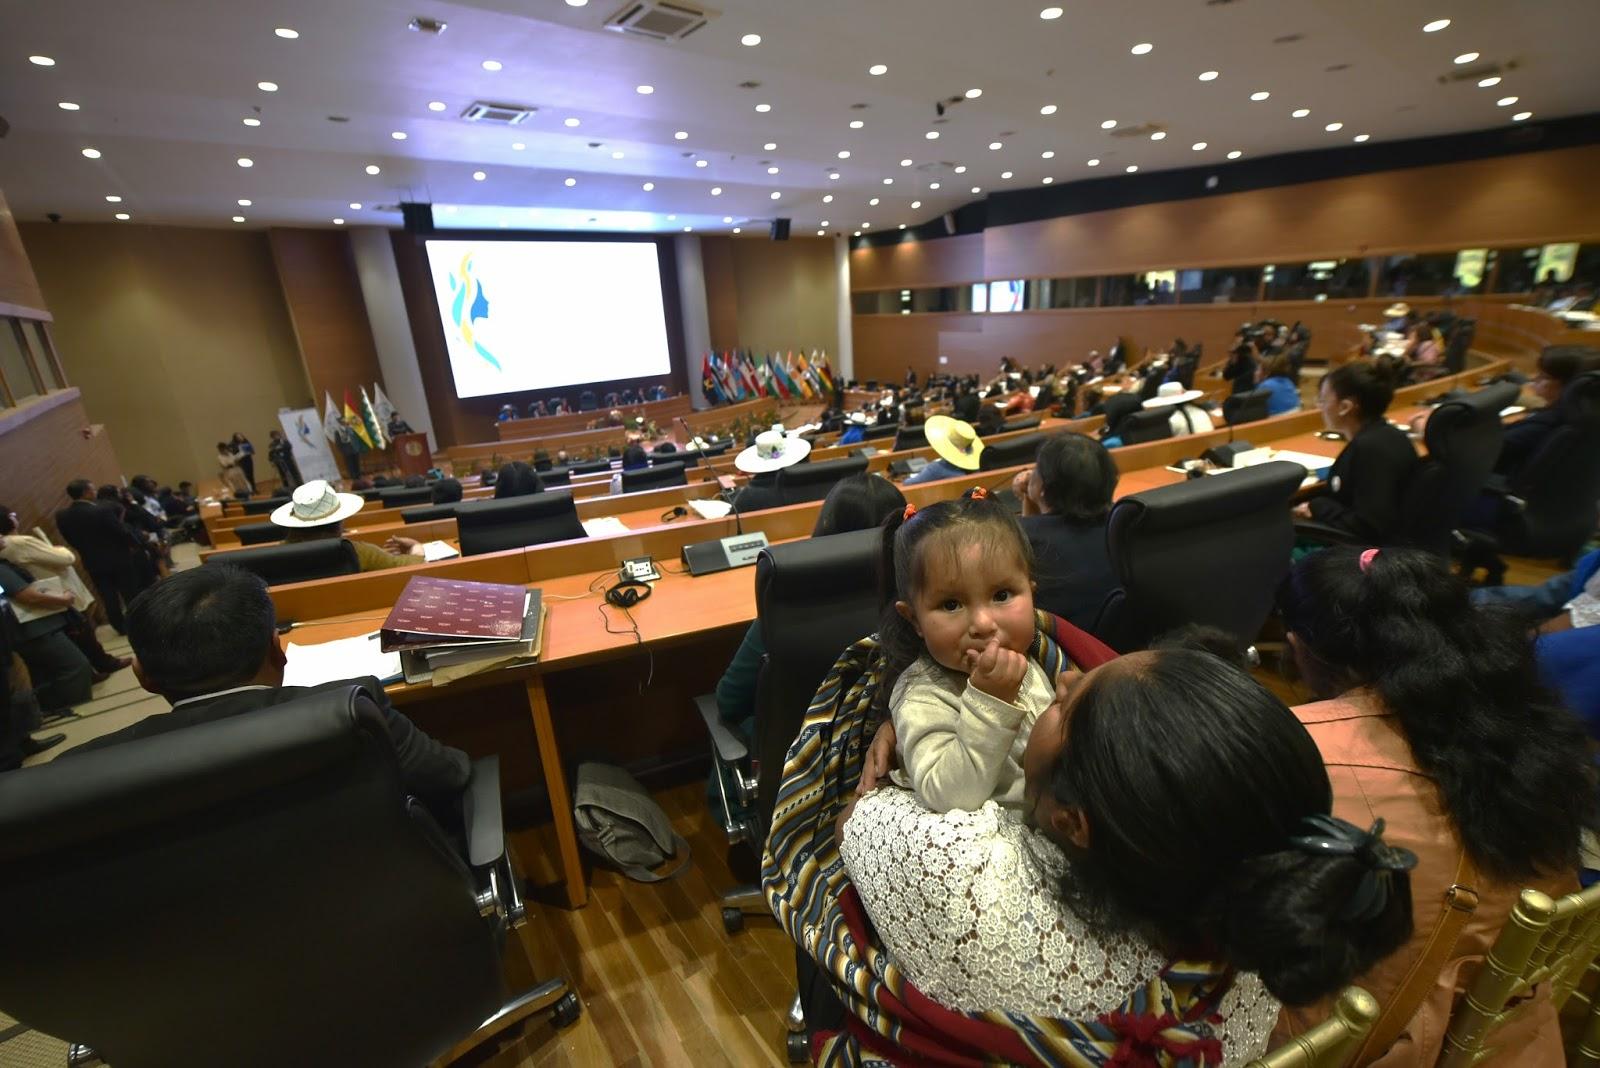 Cumbre de mujeres estrenó la lujosa sede internacional edificada en San Benito / ABI